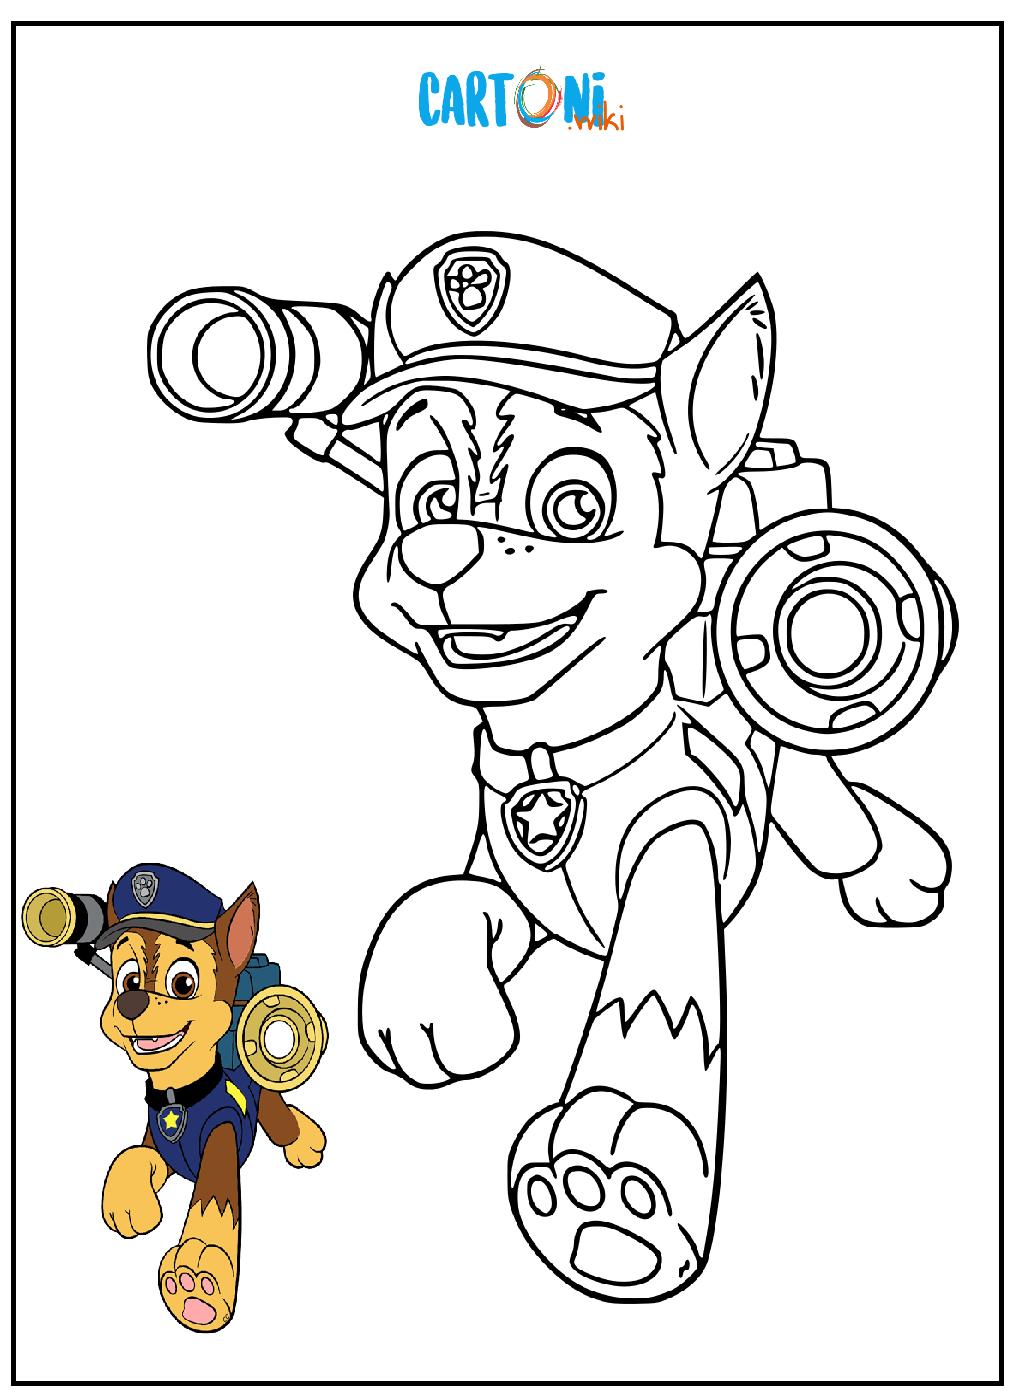 Chase paw patrol da colorare cartoni animati for Disegni da colorare paw patrol